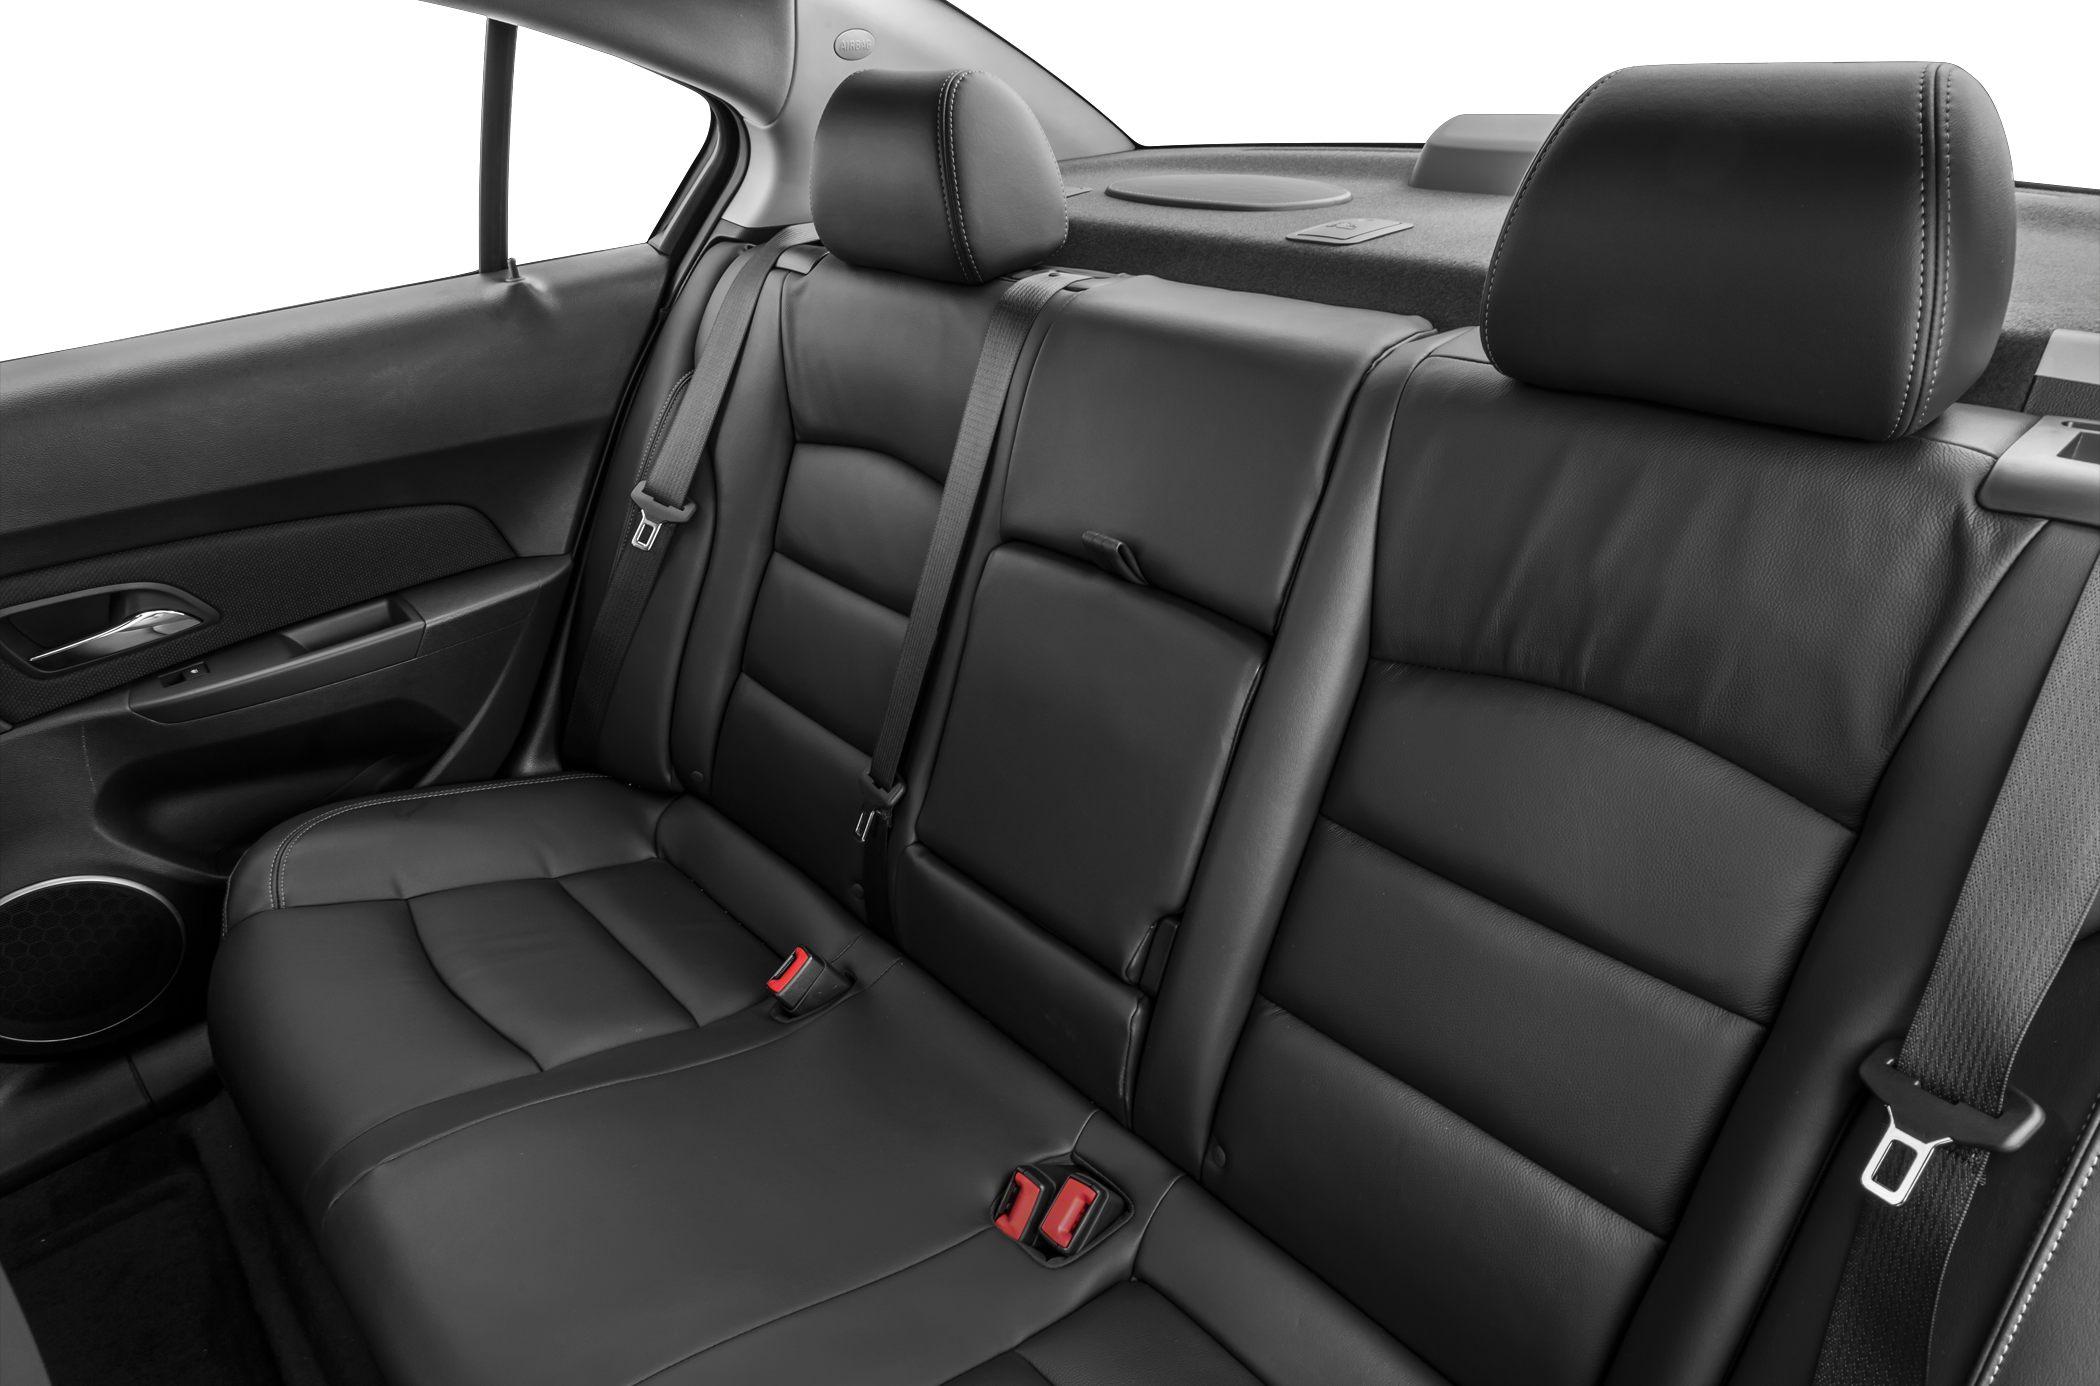 Chevrolet Cruze - Interior de tu sedán